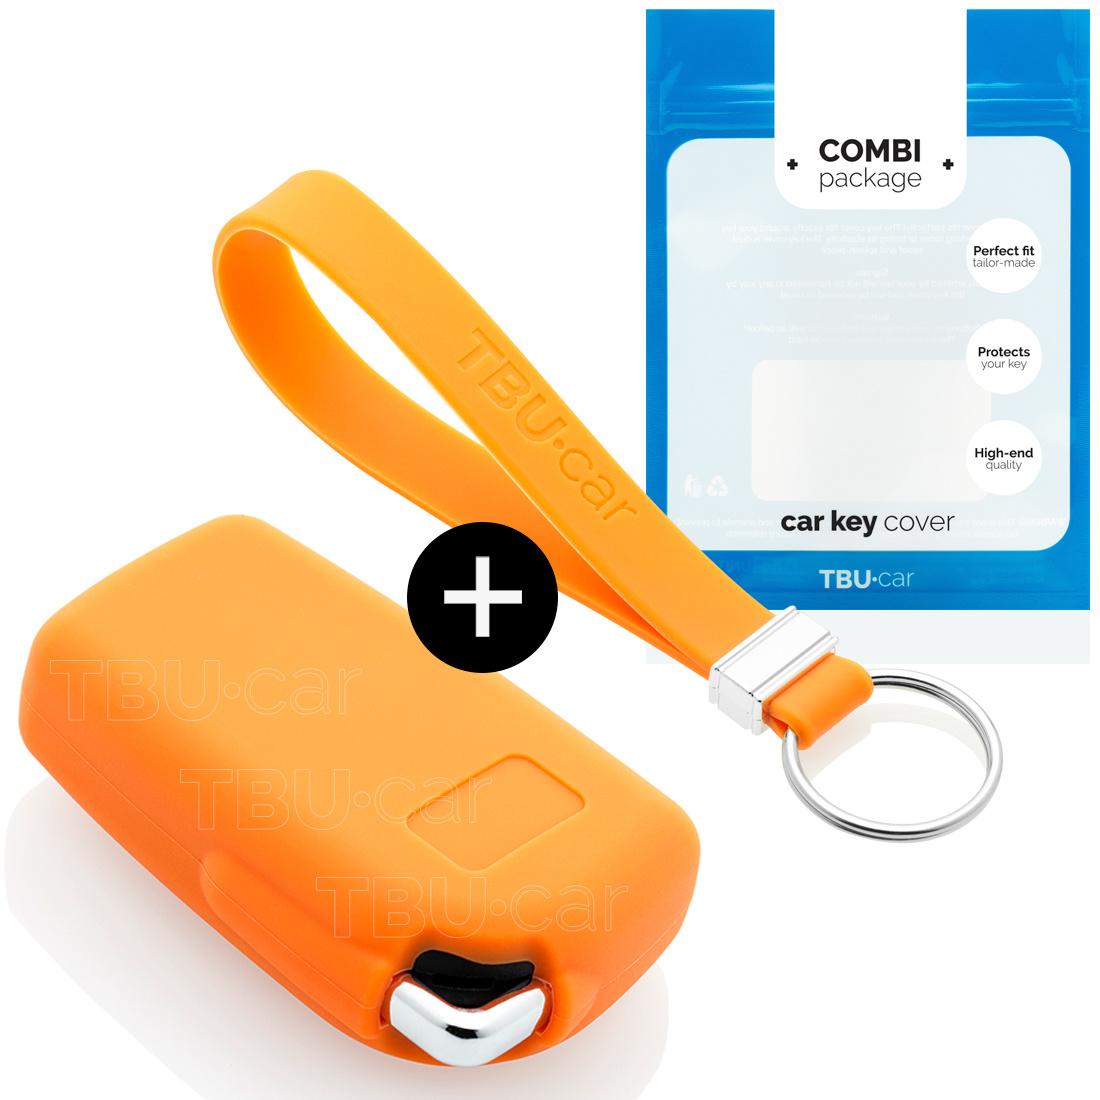 TBU car Autoschlüssel Hülle für Citroën 2 Tasten - Schutzhülle aus Silikon - Auto Schlüsselhülle Cover in Orange